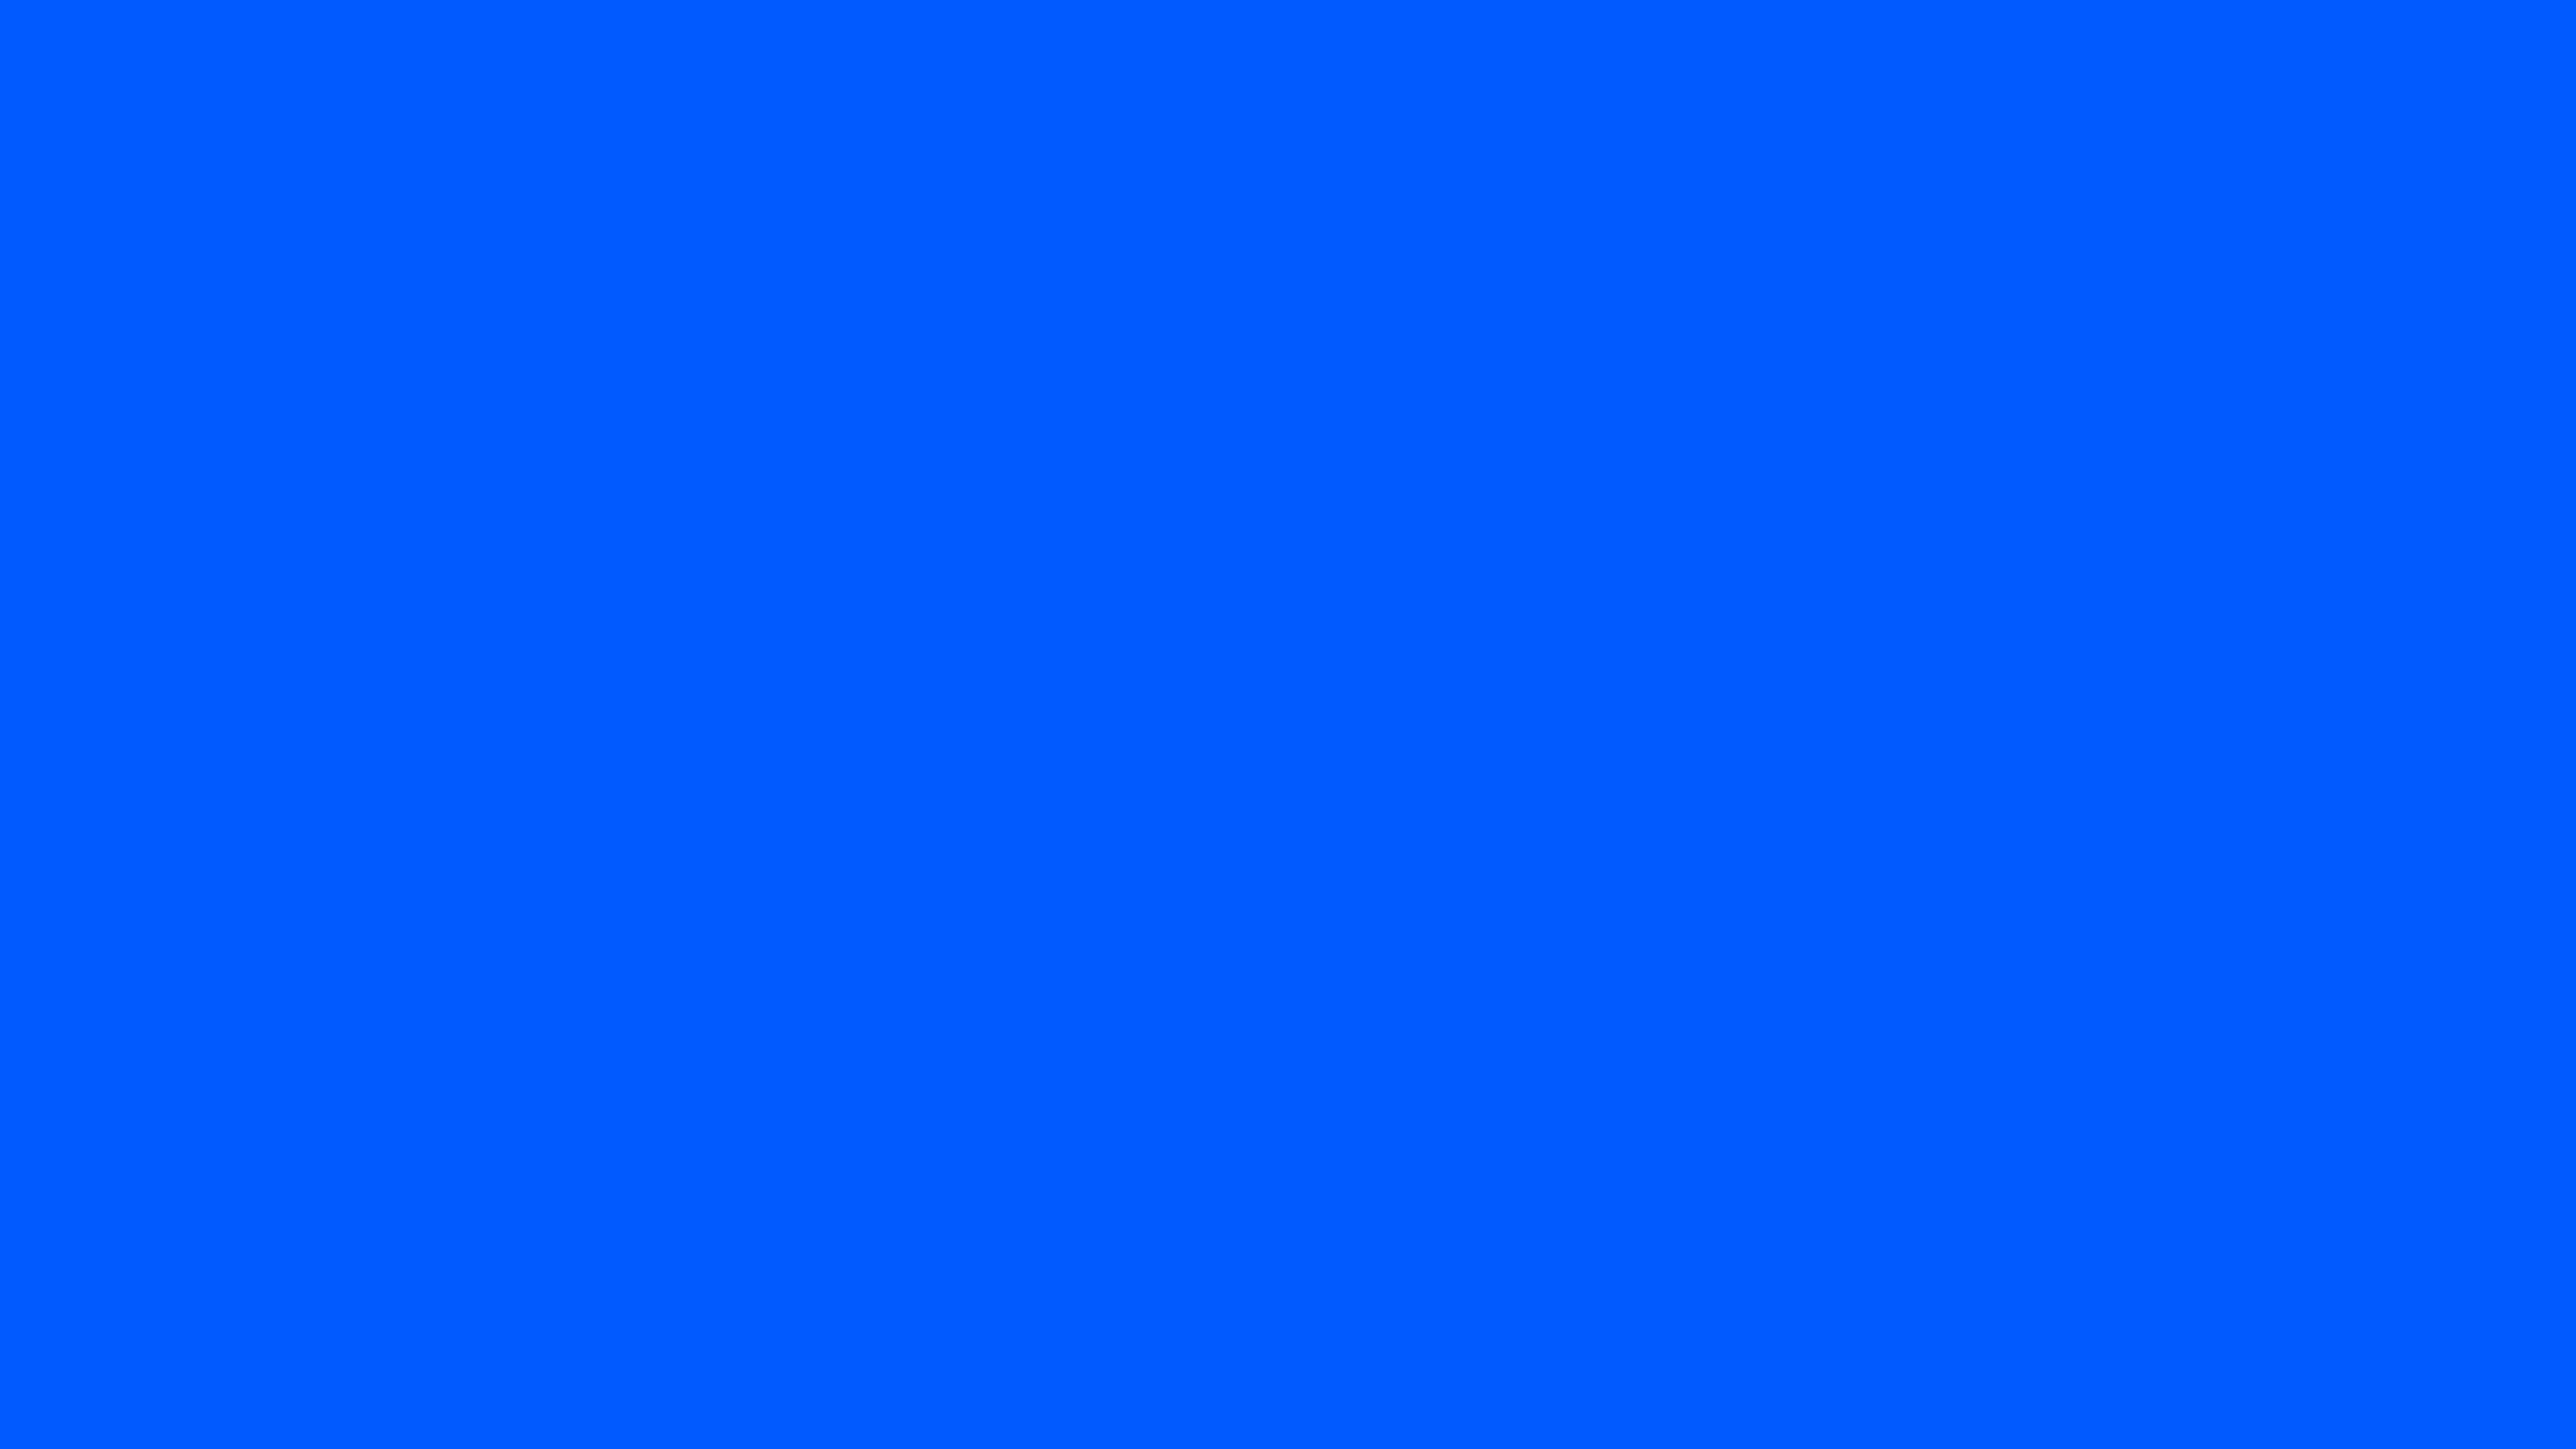 005aff   Solid blue 8K background 7680 4320 300dpi Blue 7680x4320